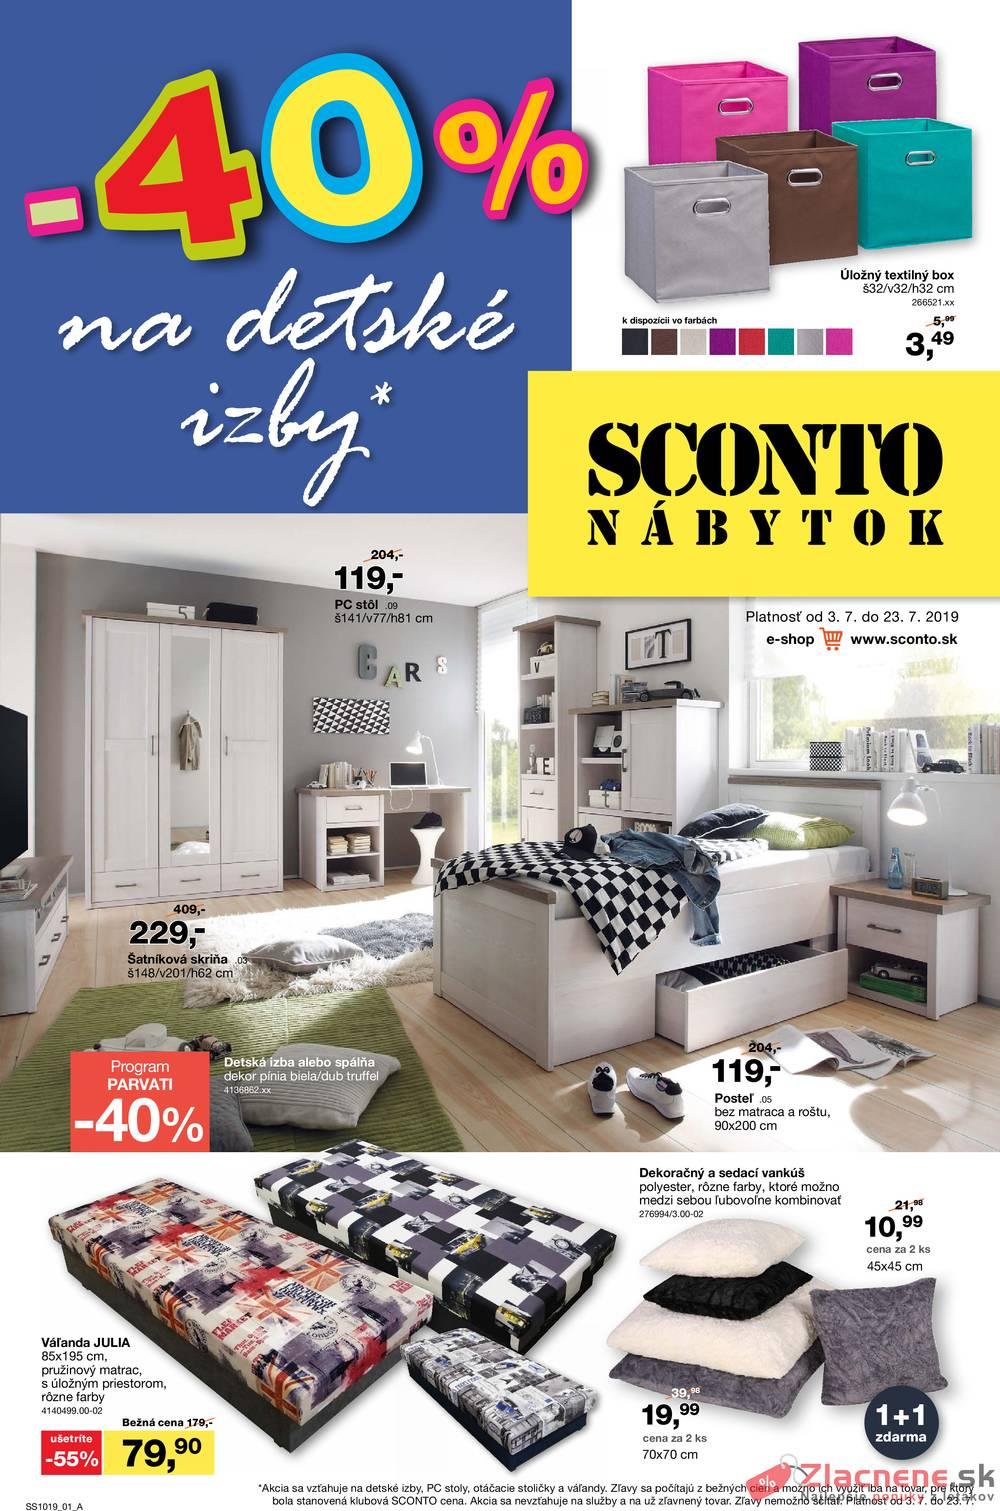 Leták Sconto nábytok - Sconto nábytok od 3.7. do 23.7.2019 - strana 1